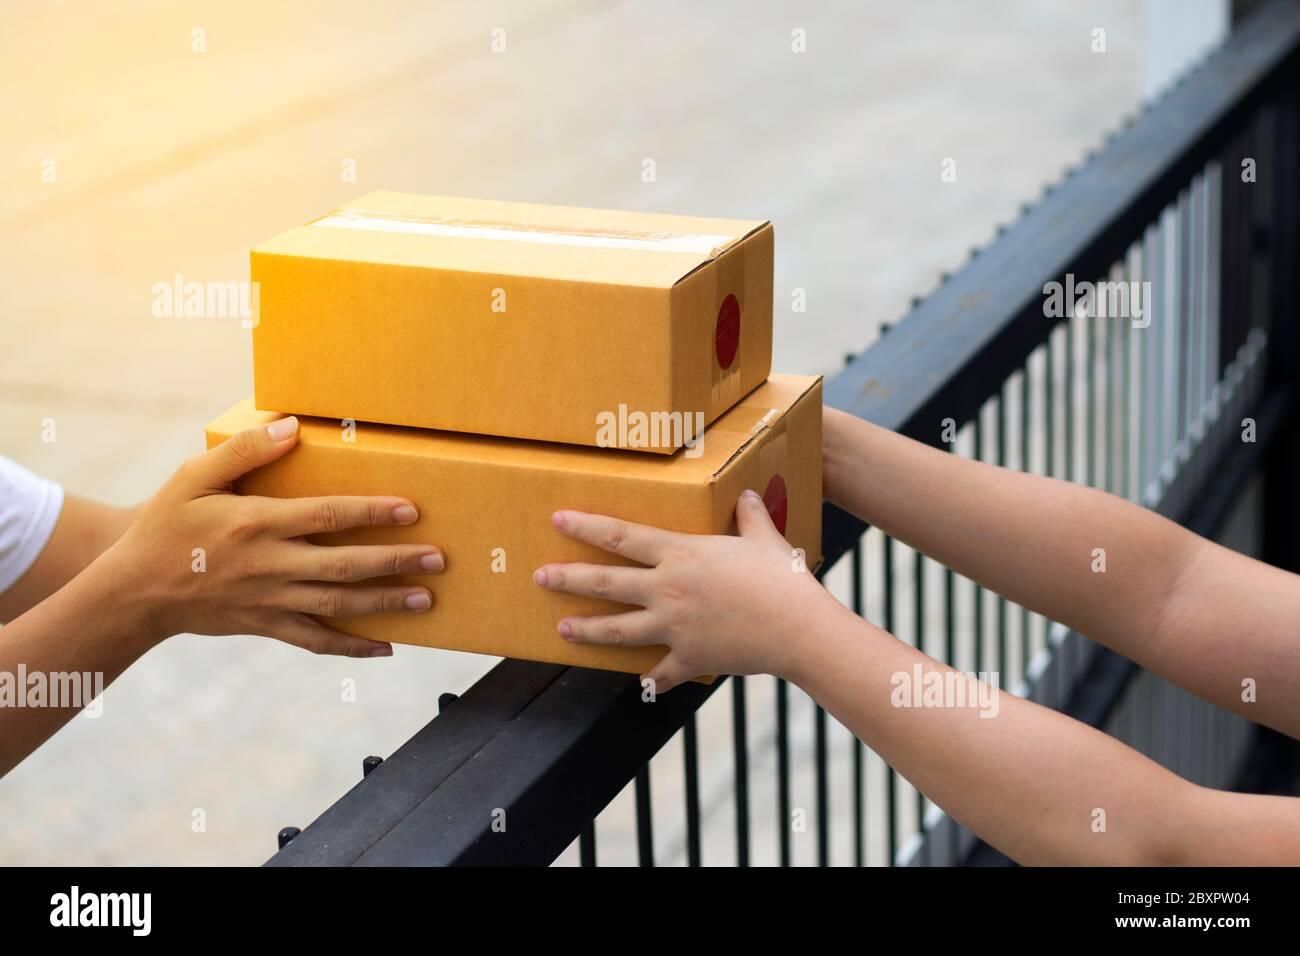 Le service de messagerie fournit la boîte marron au destinataire. La compagnie d'expédition livre les marchandises au destinataire à la porte d'entrée. Banque D'Images